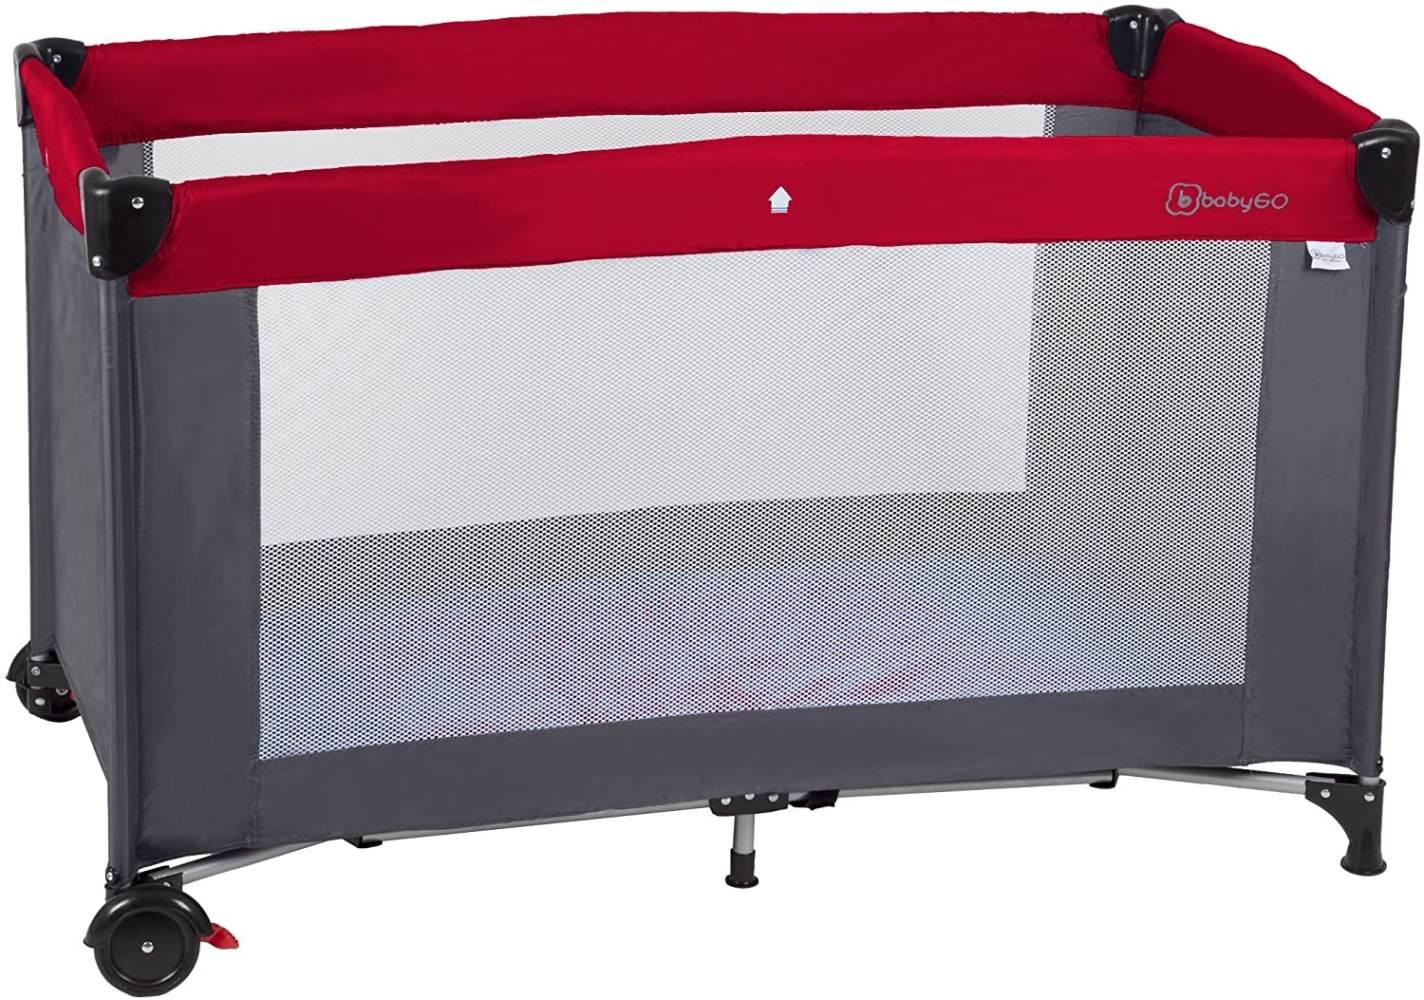 BabyGO 'Sleeper Neo' Reisebett 60x120 cm, rot, mit Rädern, Schlupfloch, Tasche und Reisebettmatratze Bild 1